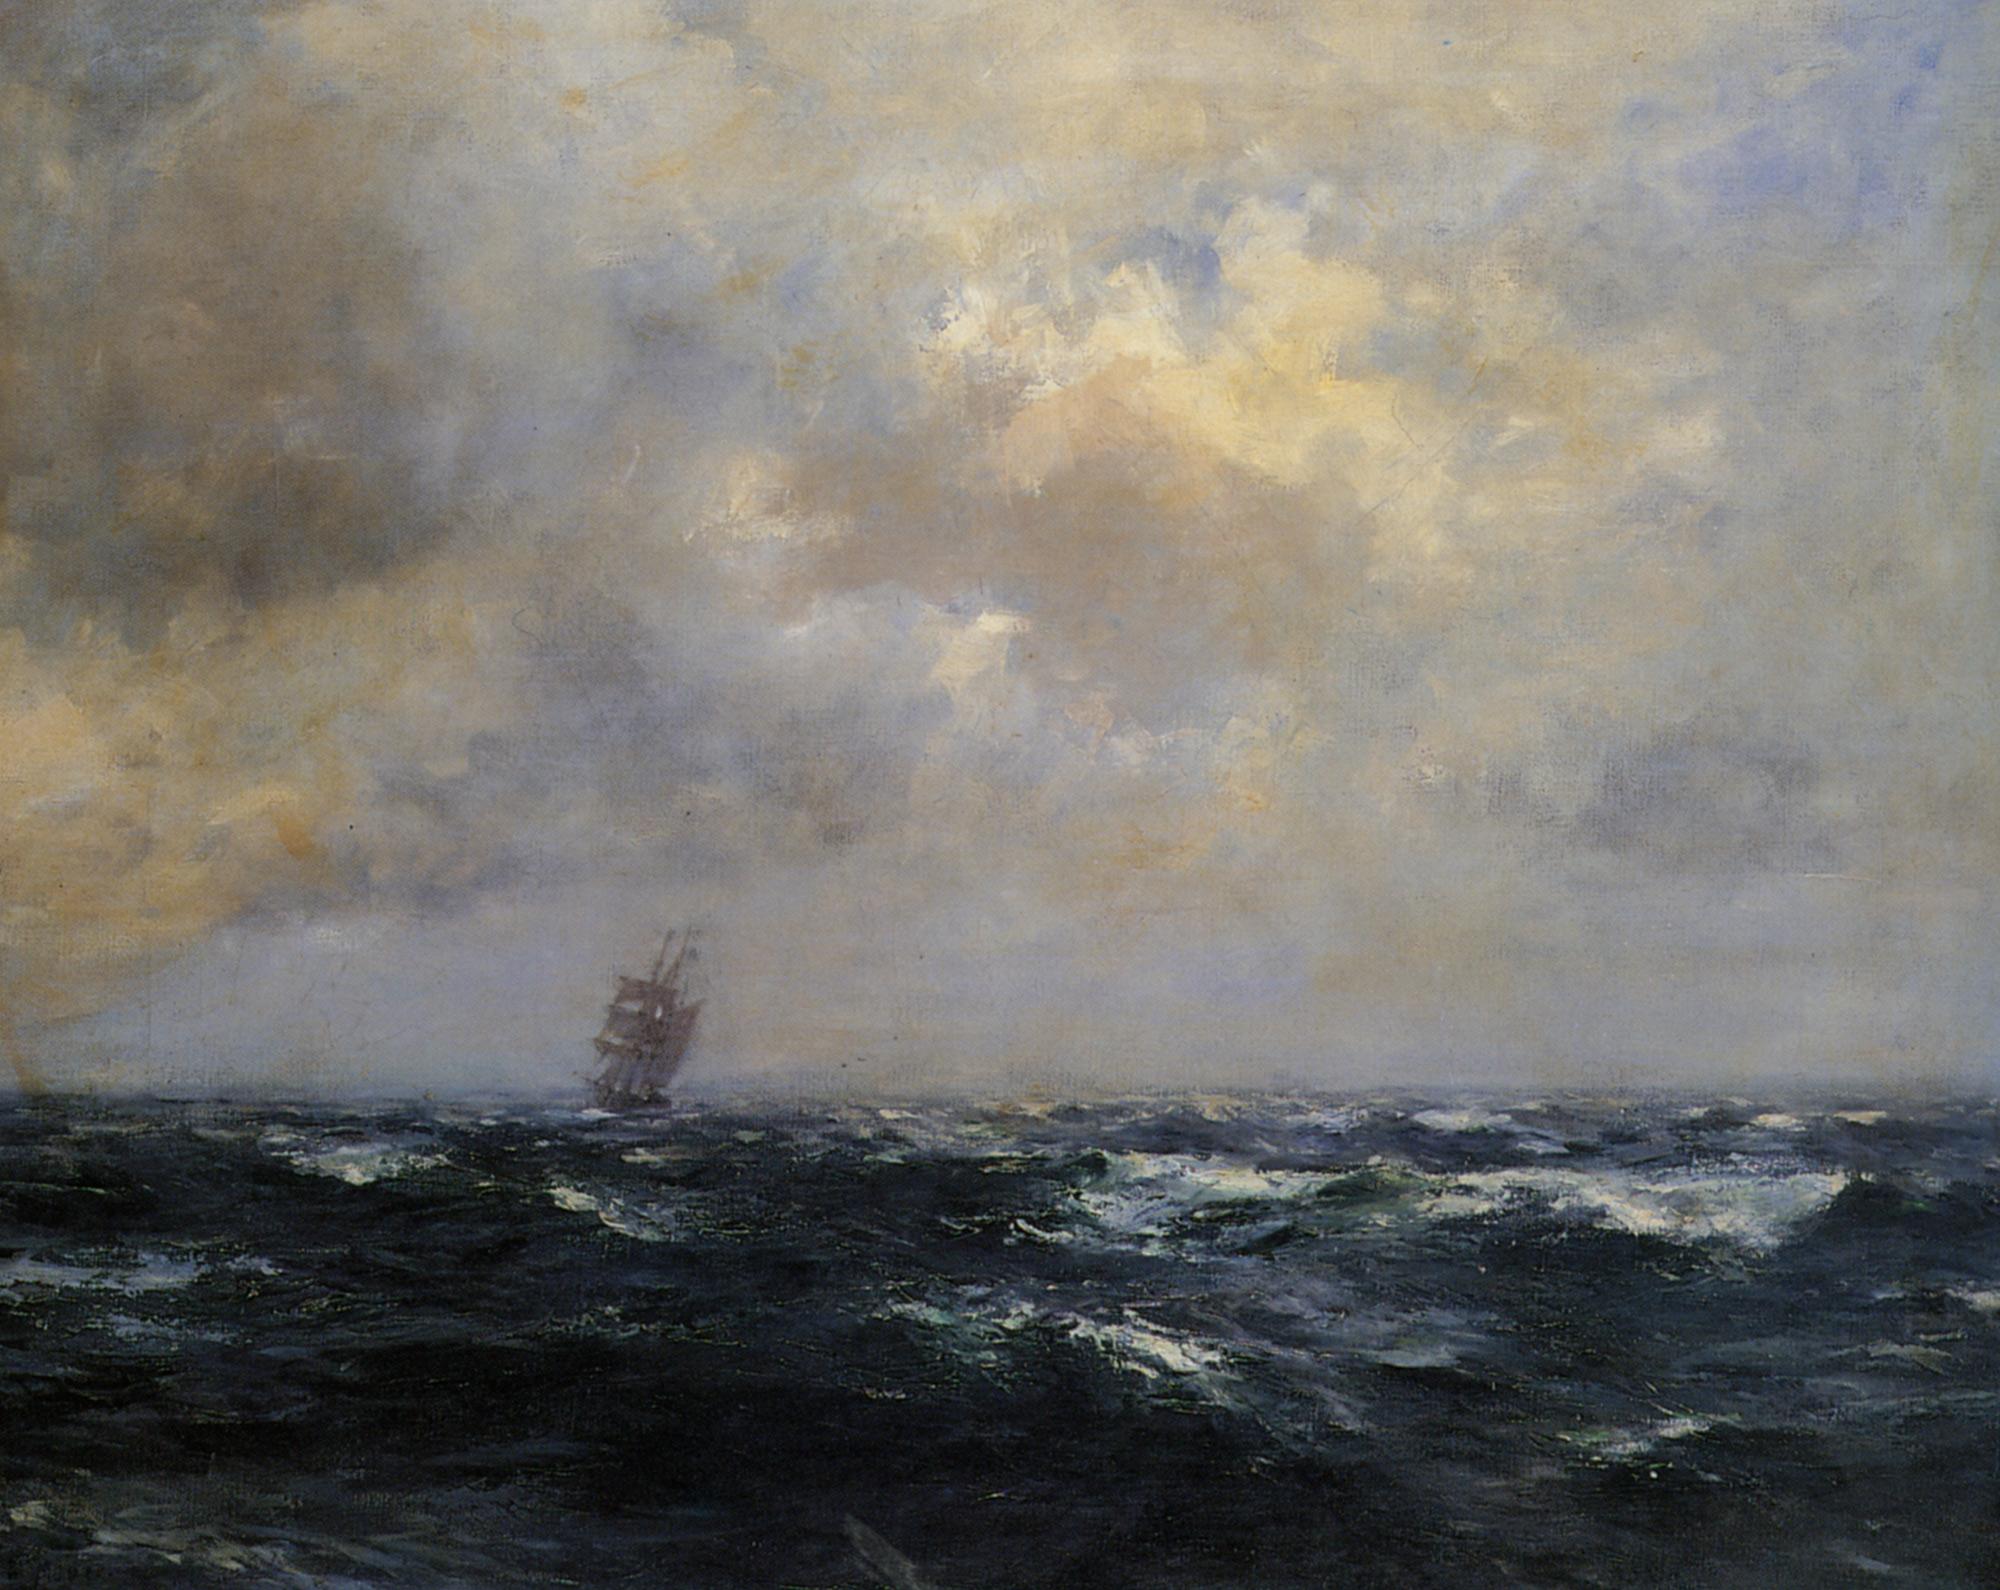 Outward Bound :: Henry Moore - Sea landscapes with ships ôîòî